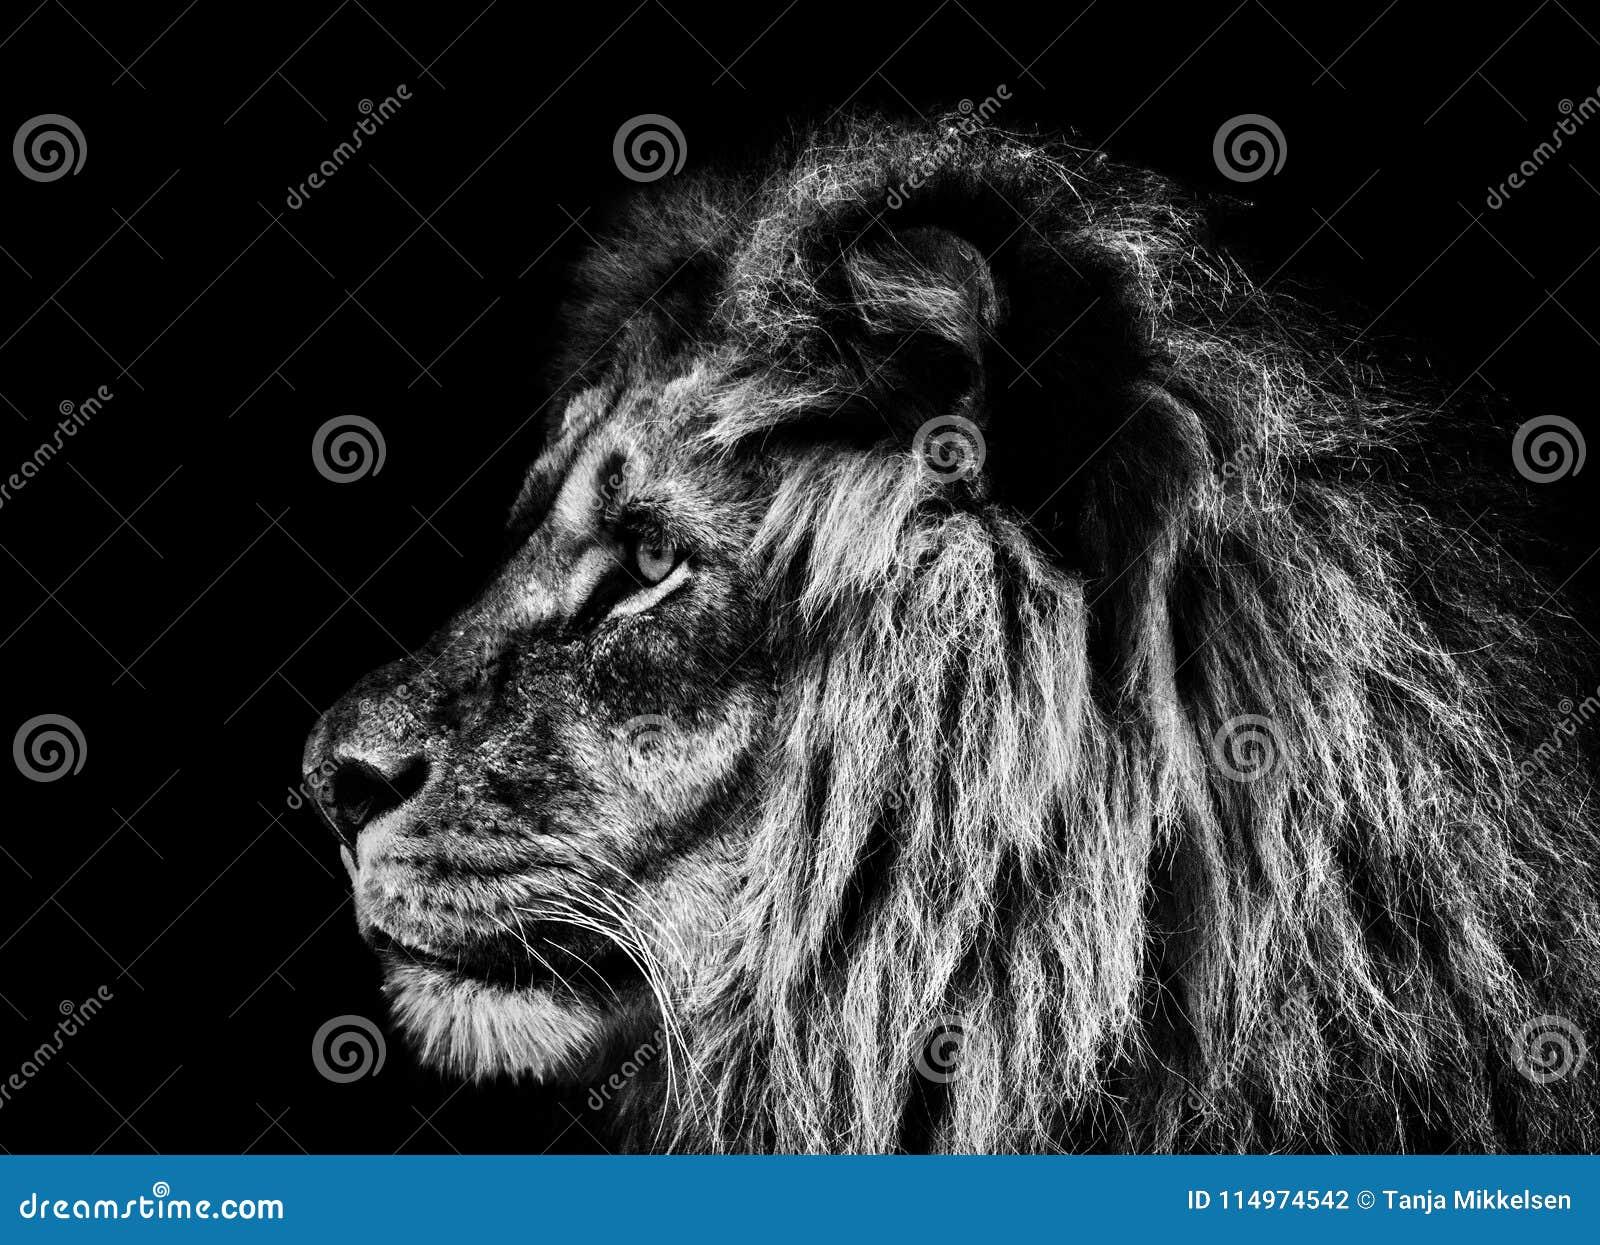 Löweporträt in Schwarzweiss